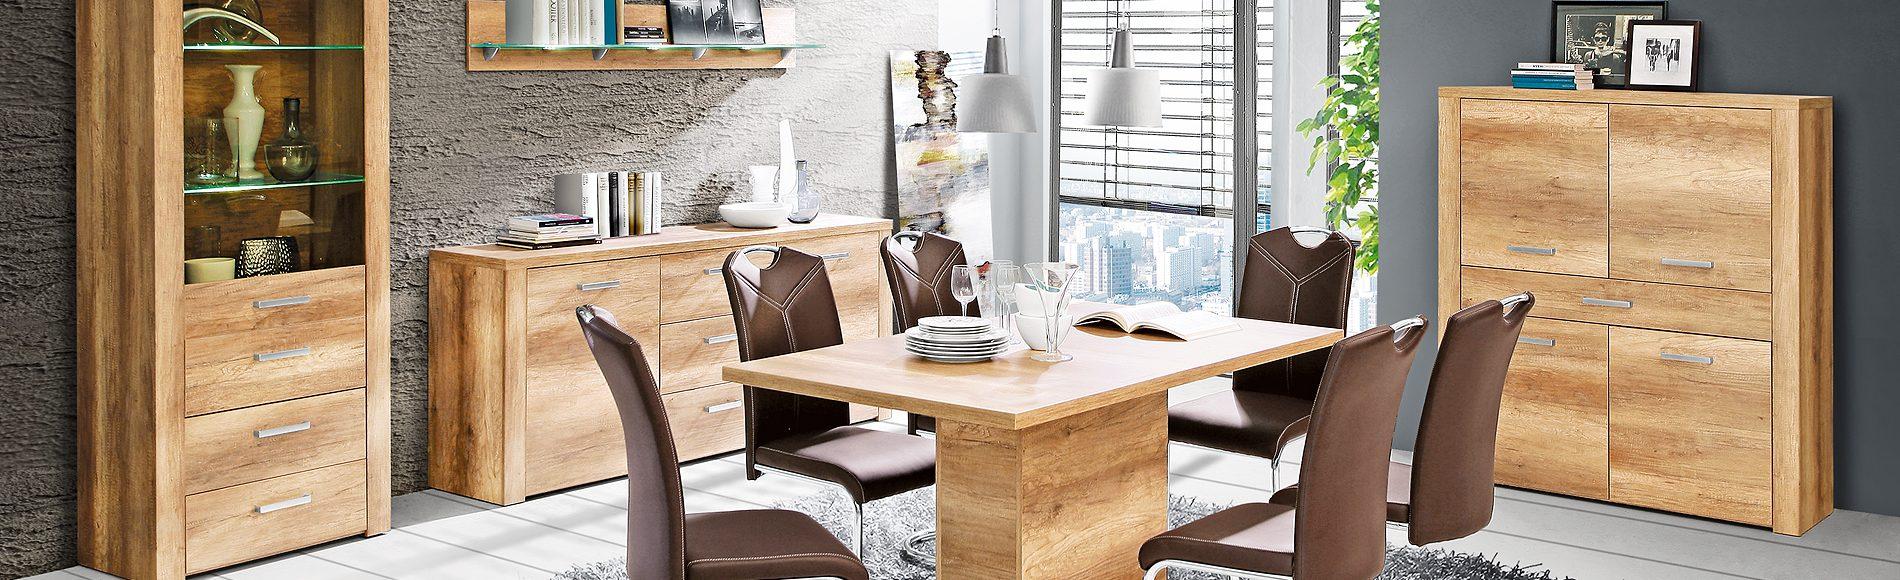 Speisezimmer mit Sideboard, Highboard, Vitrine, ausziehbarem Esstisch und Schwingstühlen günstig kaufen bei Robin Hood Möbel+Küchen in Donaueschingen